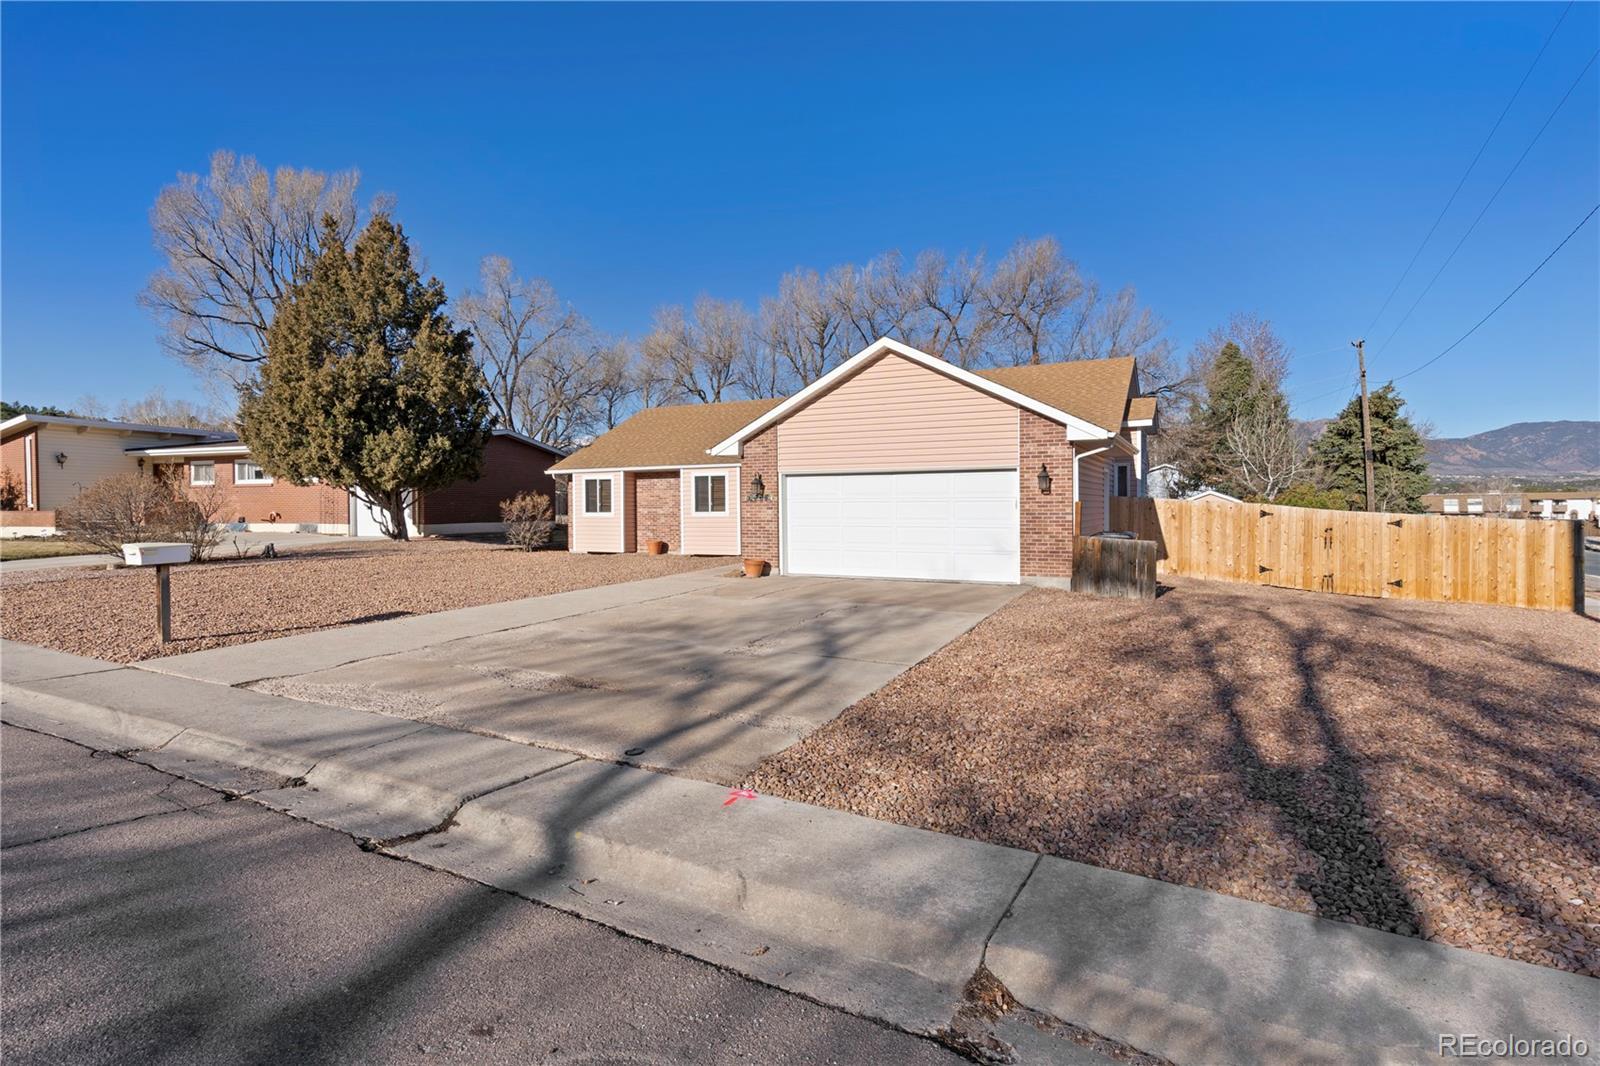 MLS# 1721256 - 27 - 6464 Wicklow Circle, Colorado Springs, CO 80918